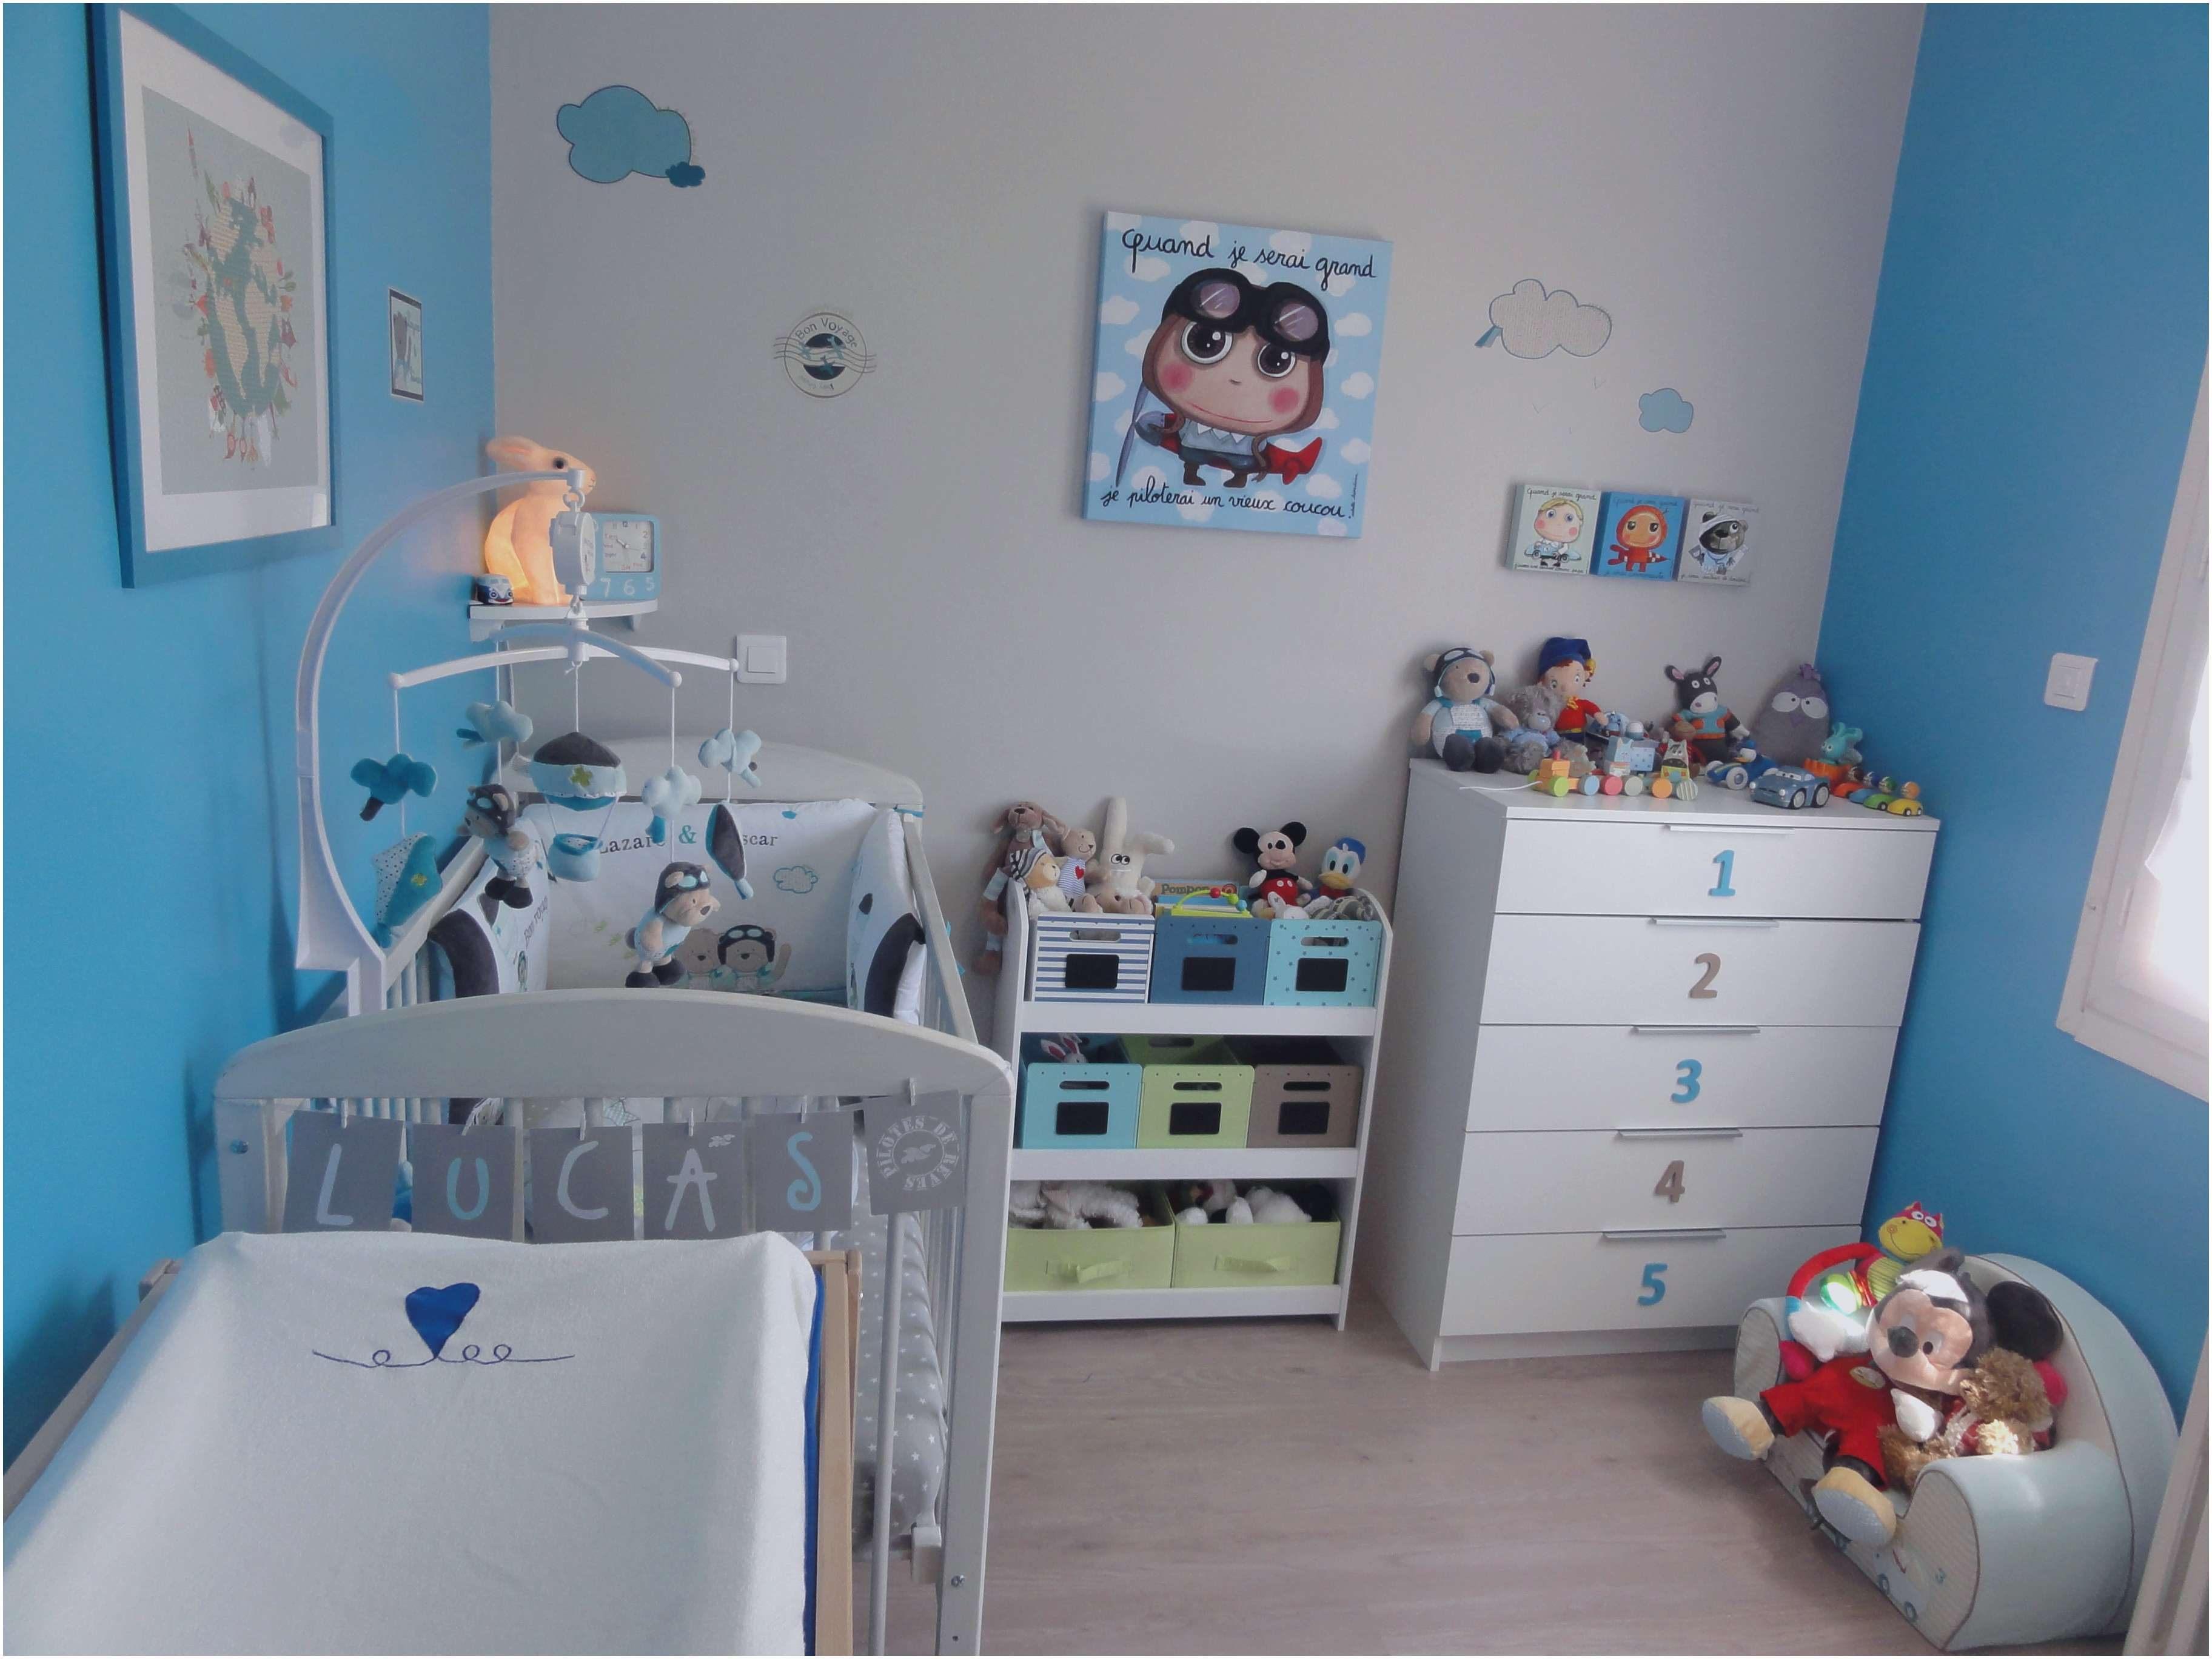 Lit Bébé Scandinave Nouveau Luxe Drap Lit Bébé Housse Matelas Bébé Frais Parc B C3 A9b C3 A9